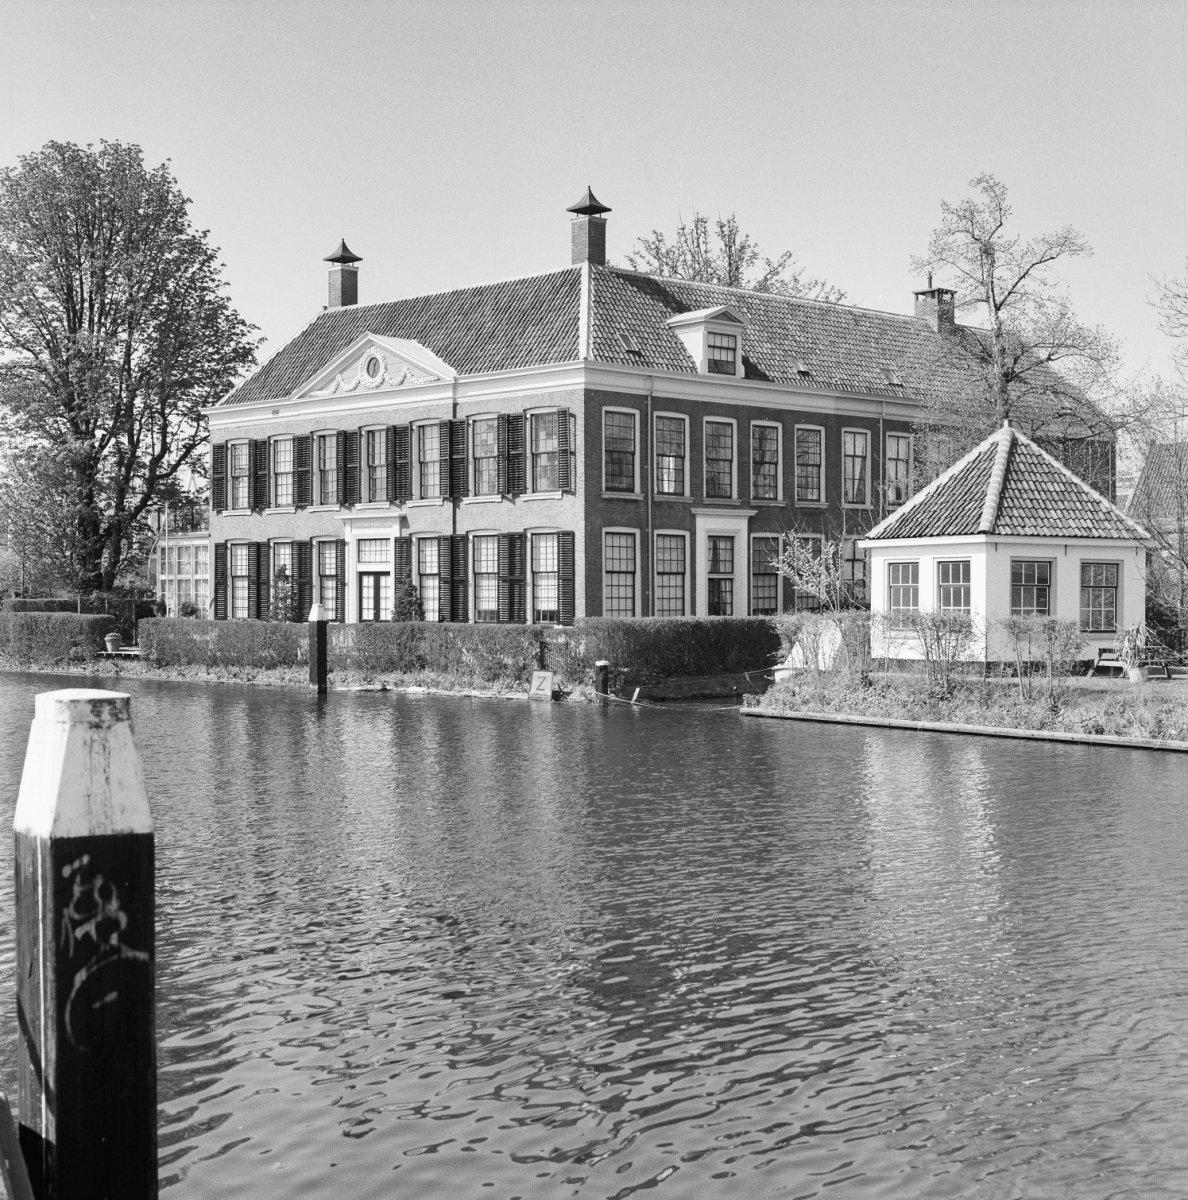 File exterieur overzicht huis 39 in de wereldt is veel gevaer 39 rechts speelhuisje van huis - Huis exterieur ...